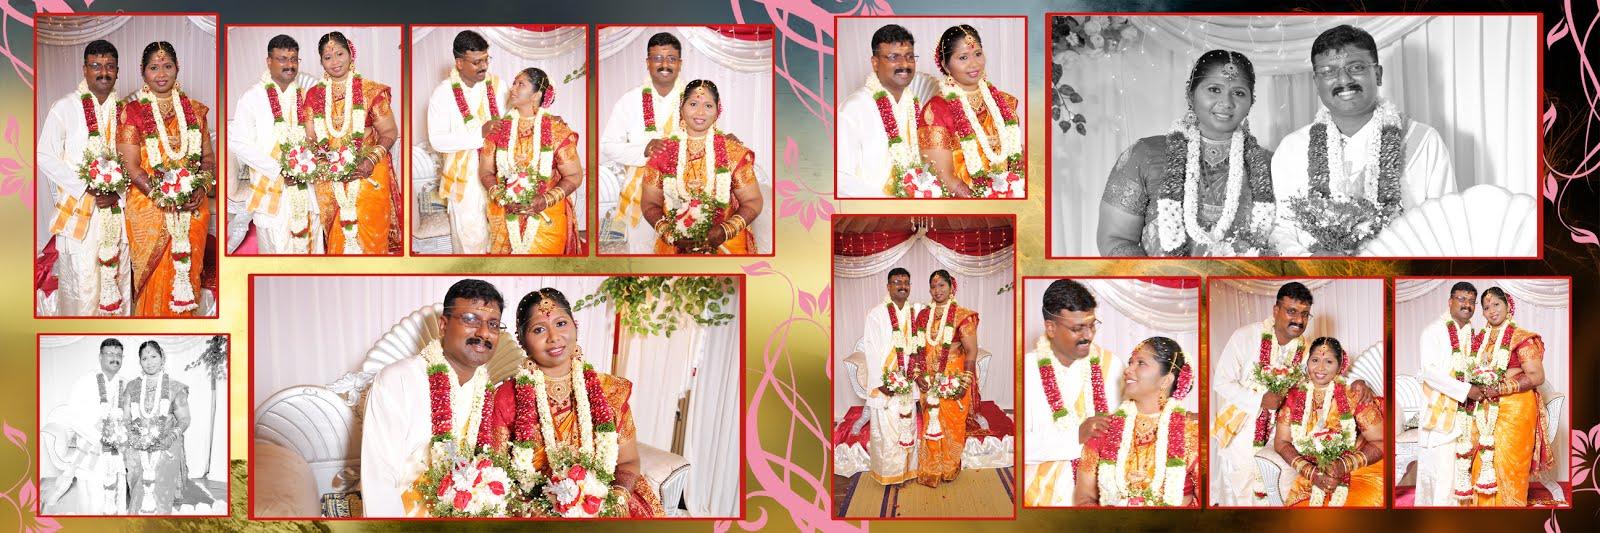 K.Gobinathan weds N.Arutchelvi